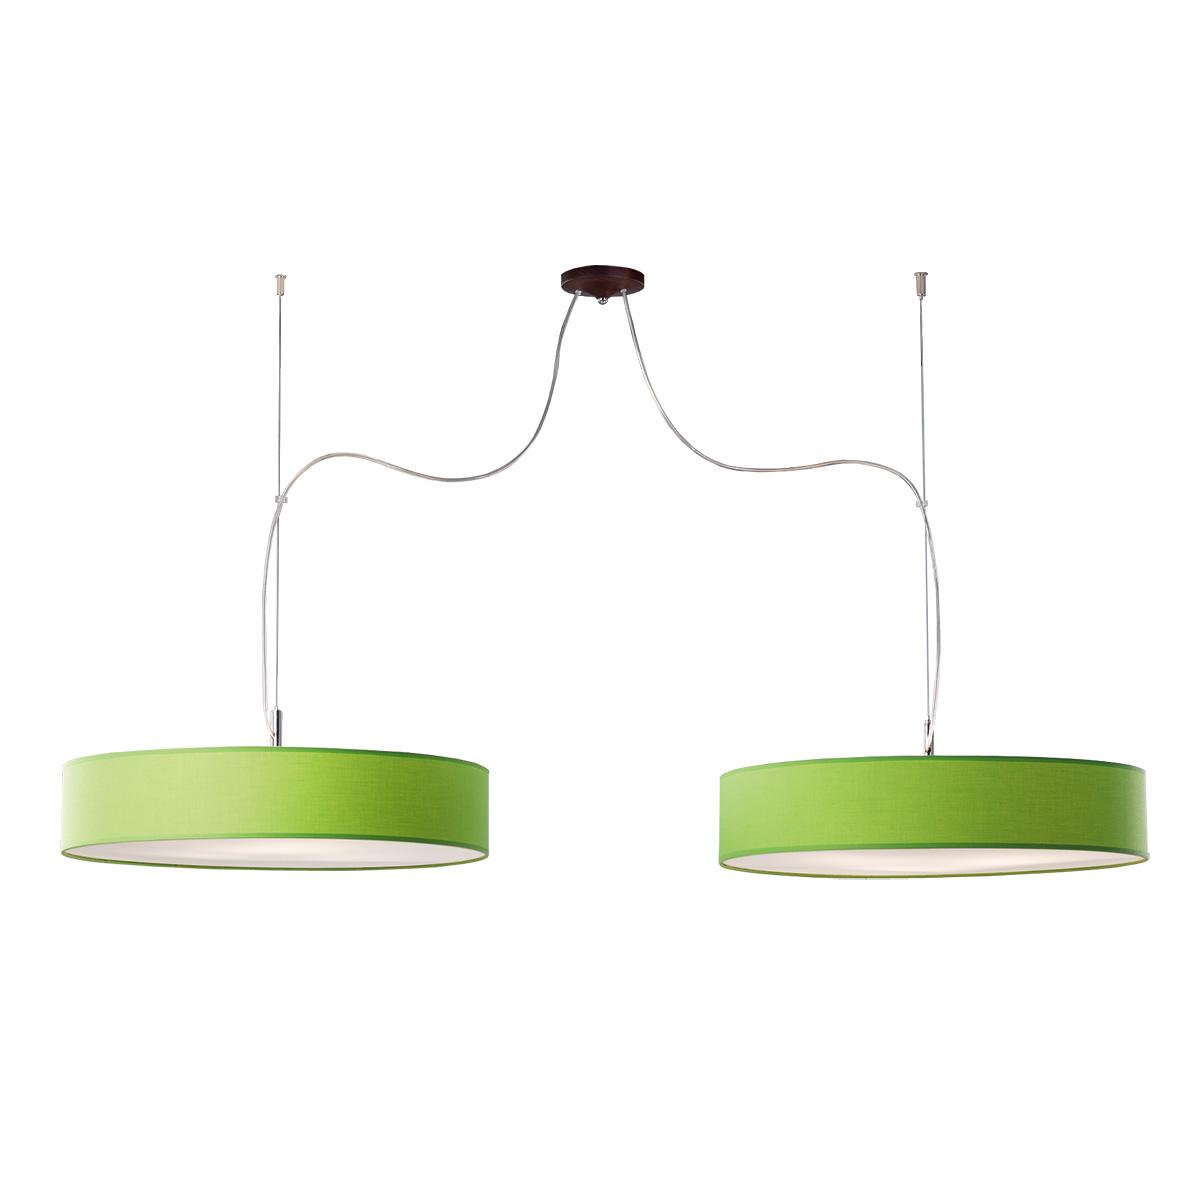 Δίφωτο πράσινο κρεμαστό φωτιστικό DISCO ZEN green hanging lamp